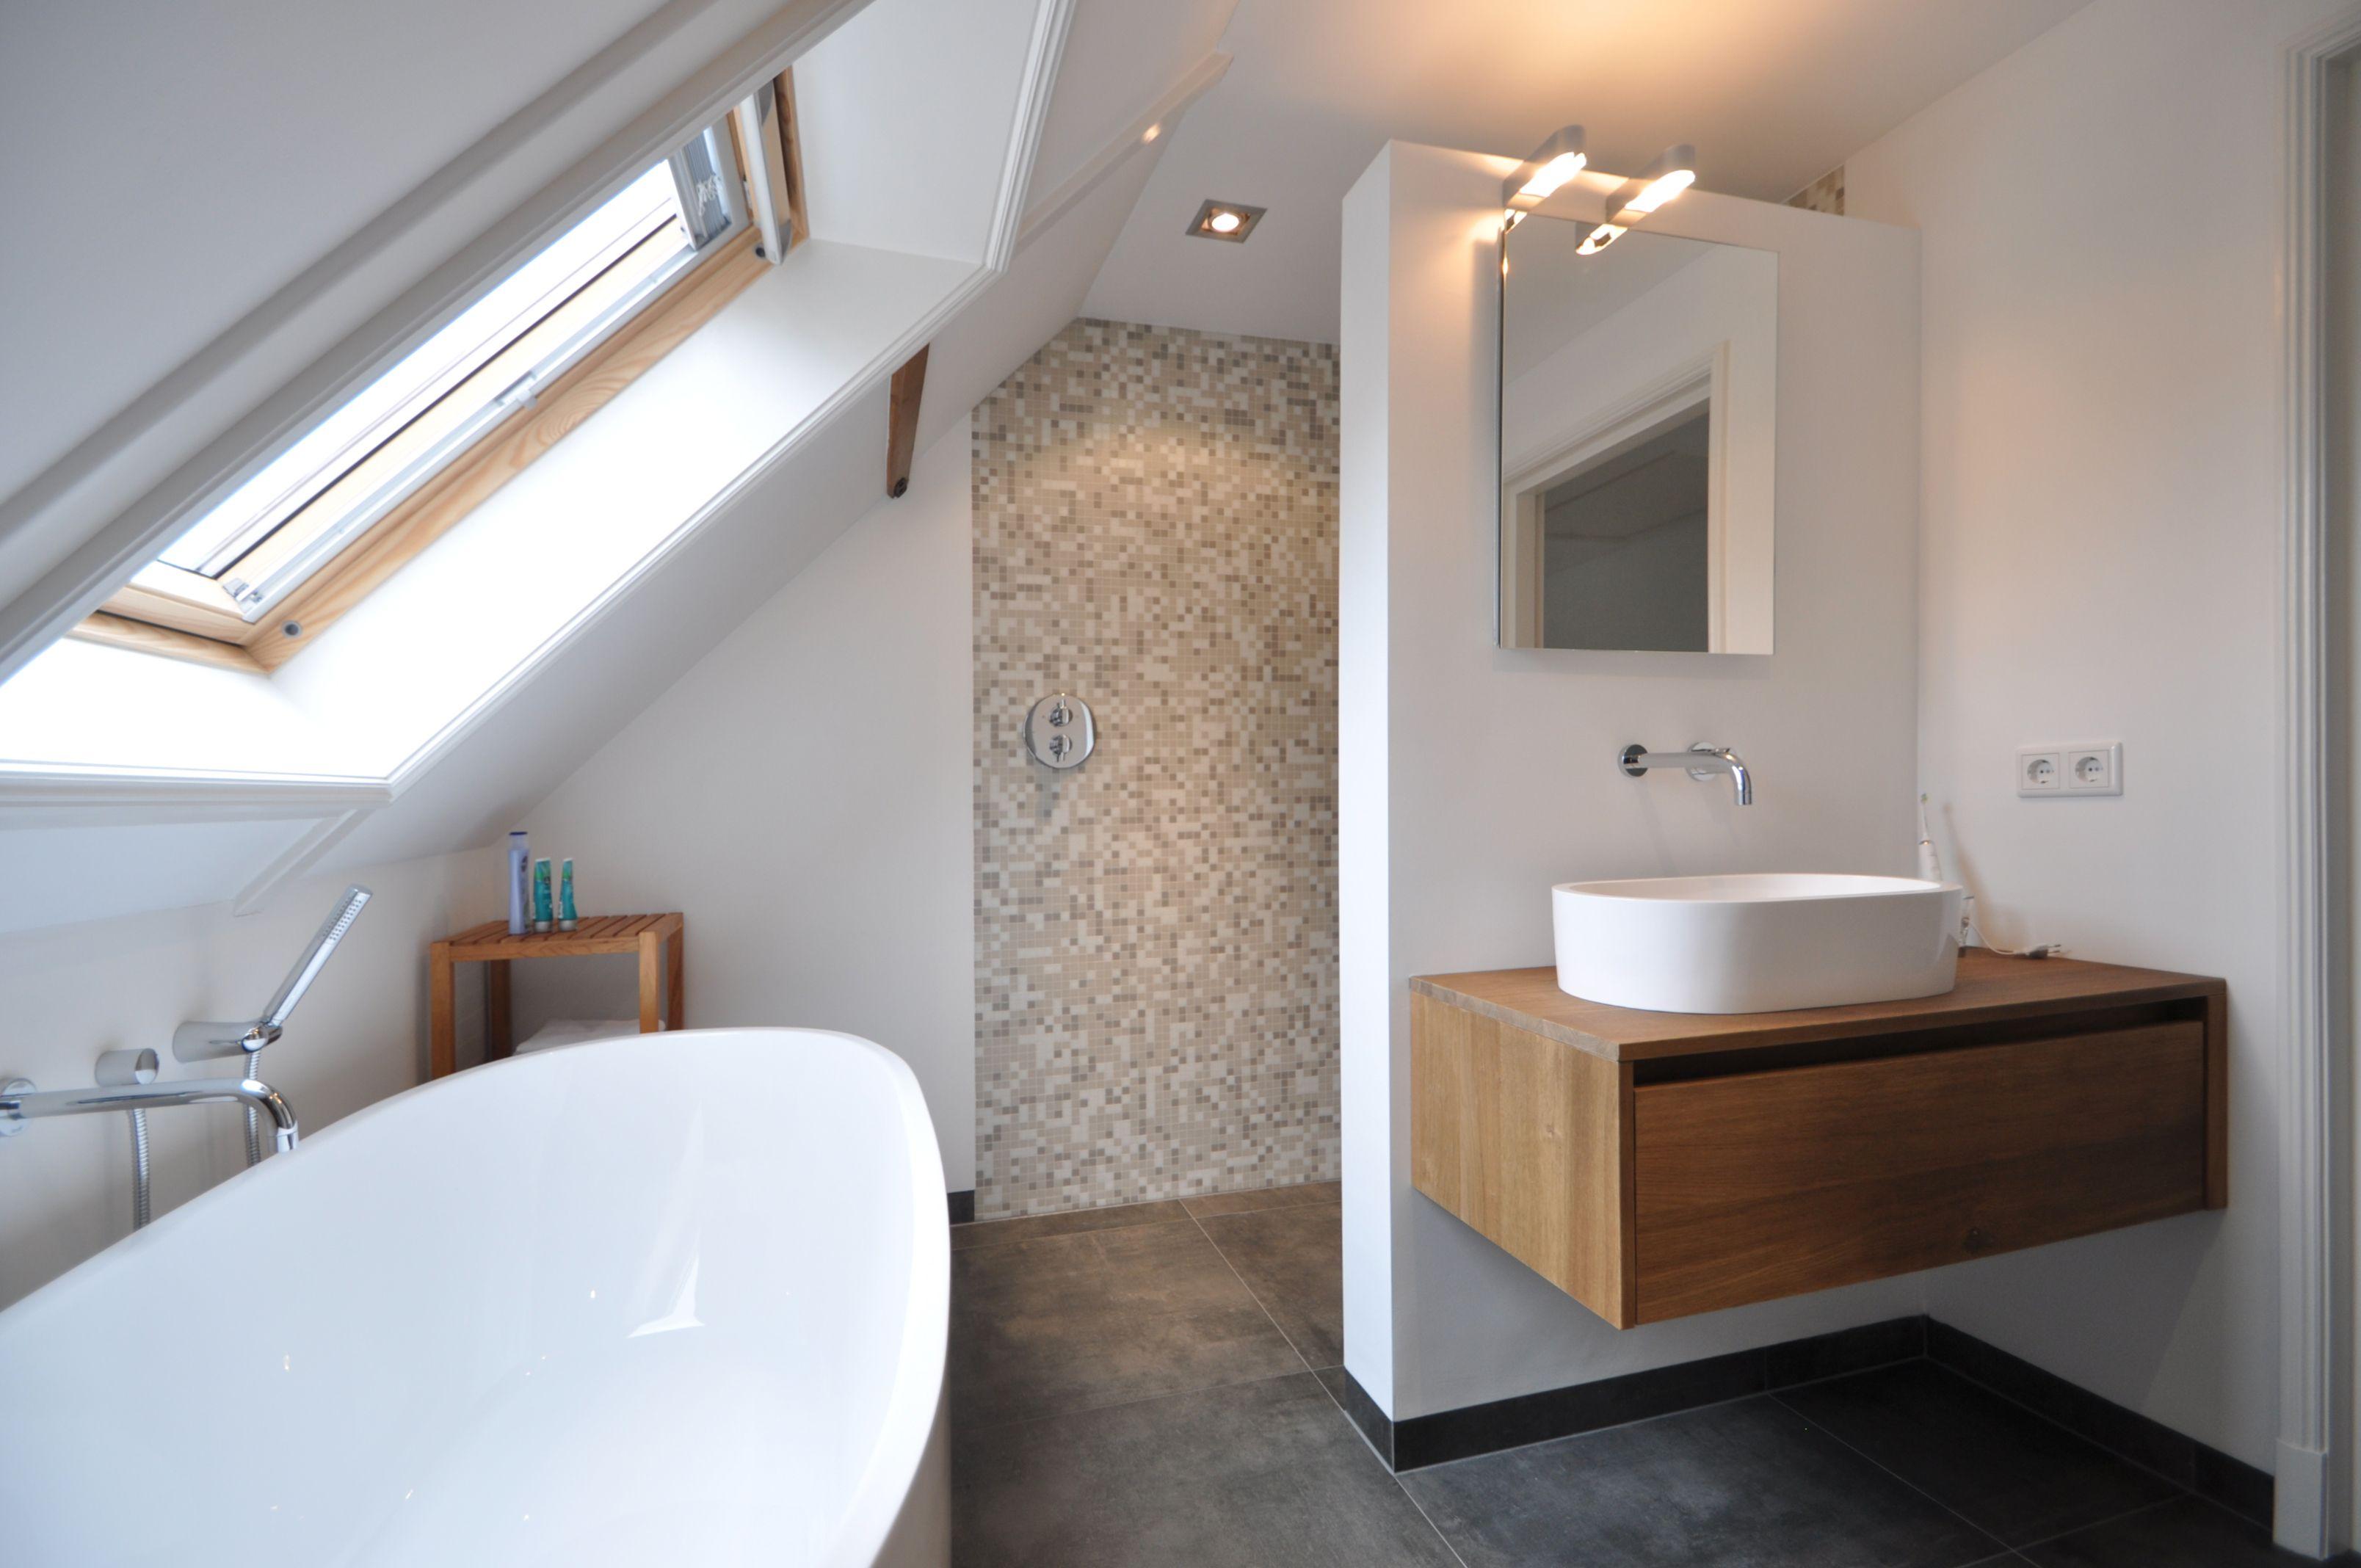 Stucwerk Badkamer Knauf : Knauf badkamer tegel reparatie badkamer voordemakers nl